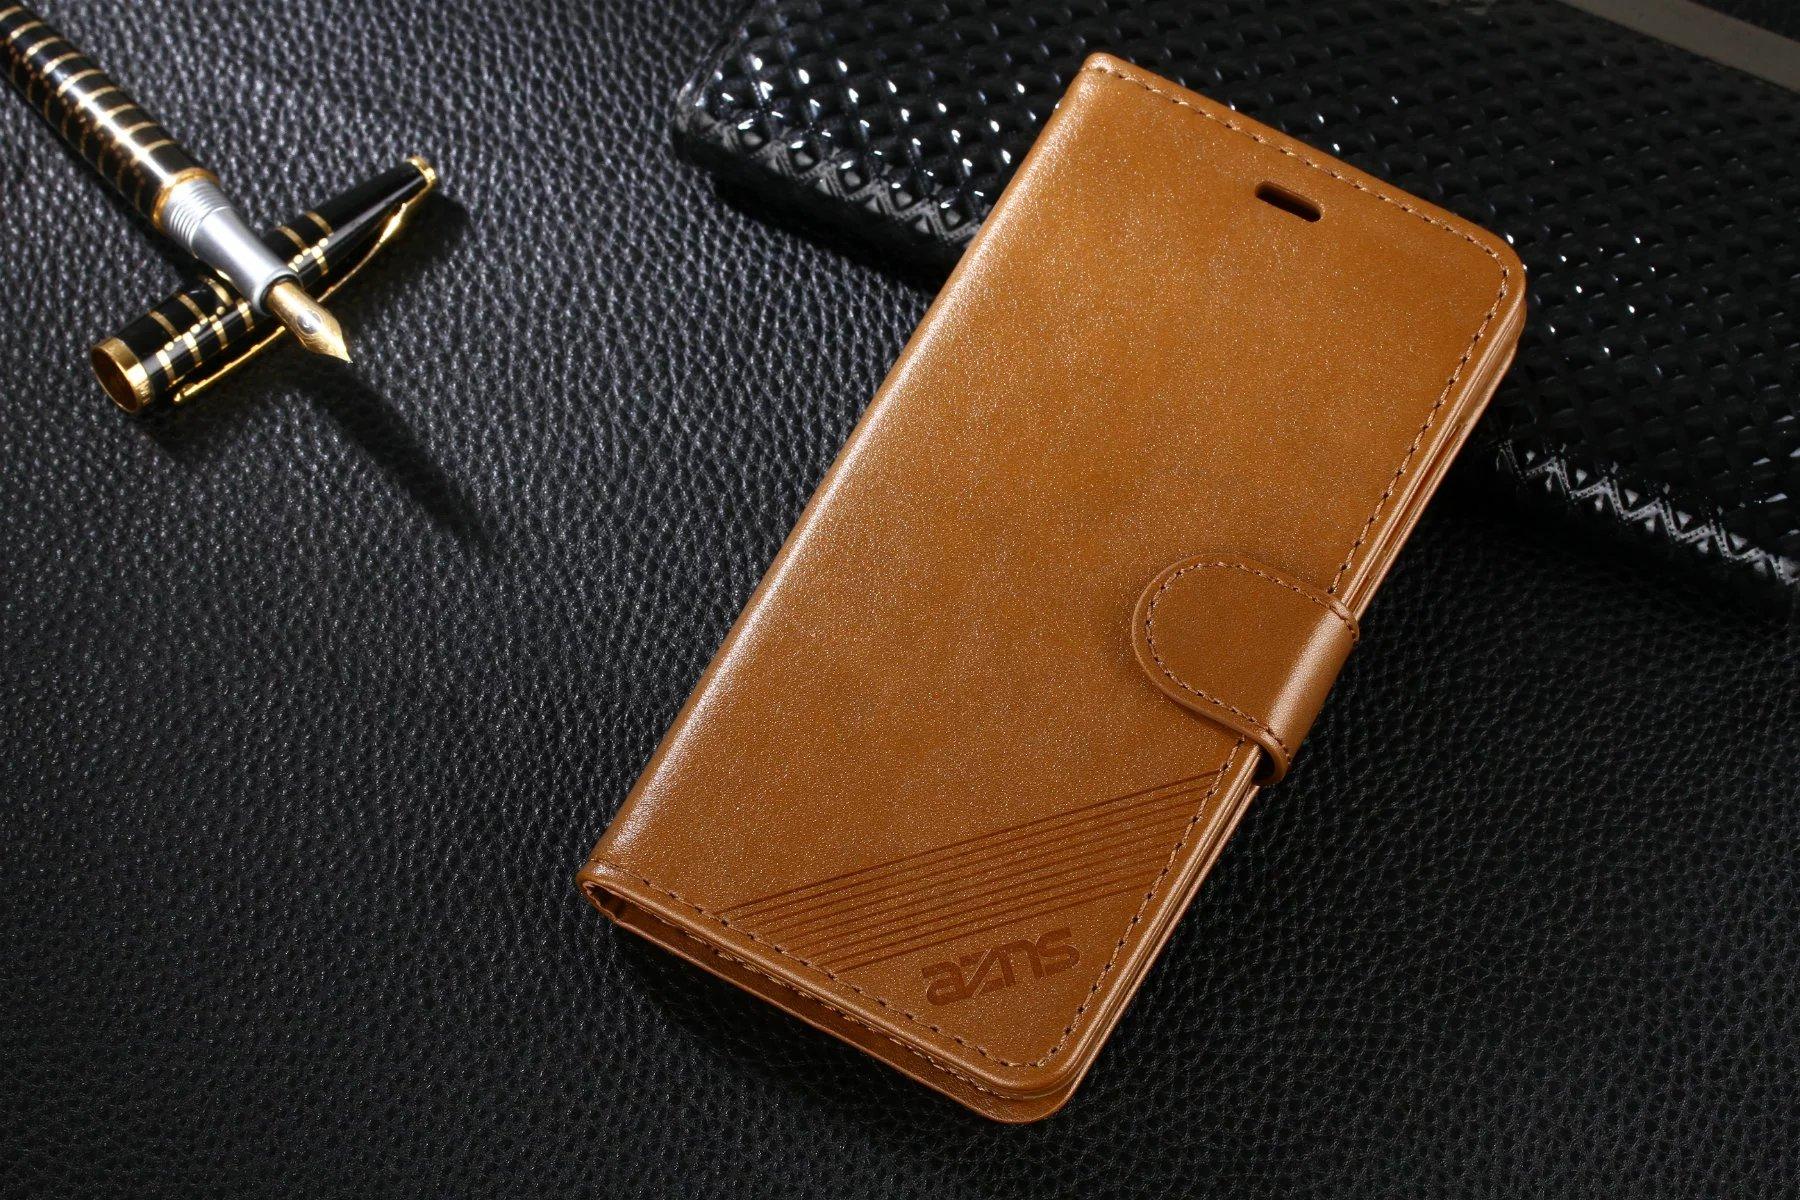 Luksusowy portfel case dla xiaomi redmi 4 pro redmi 4 książka klapki pokrywa pu leather stań torby telefonów pokrowce na xiaomi redmi 4 pro 3